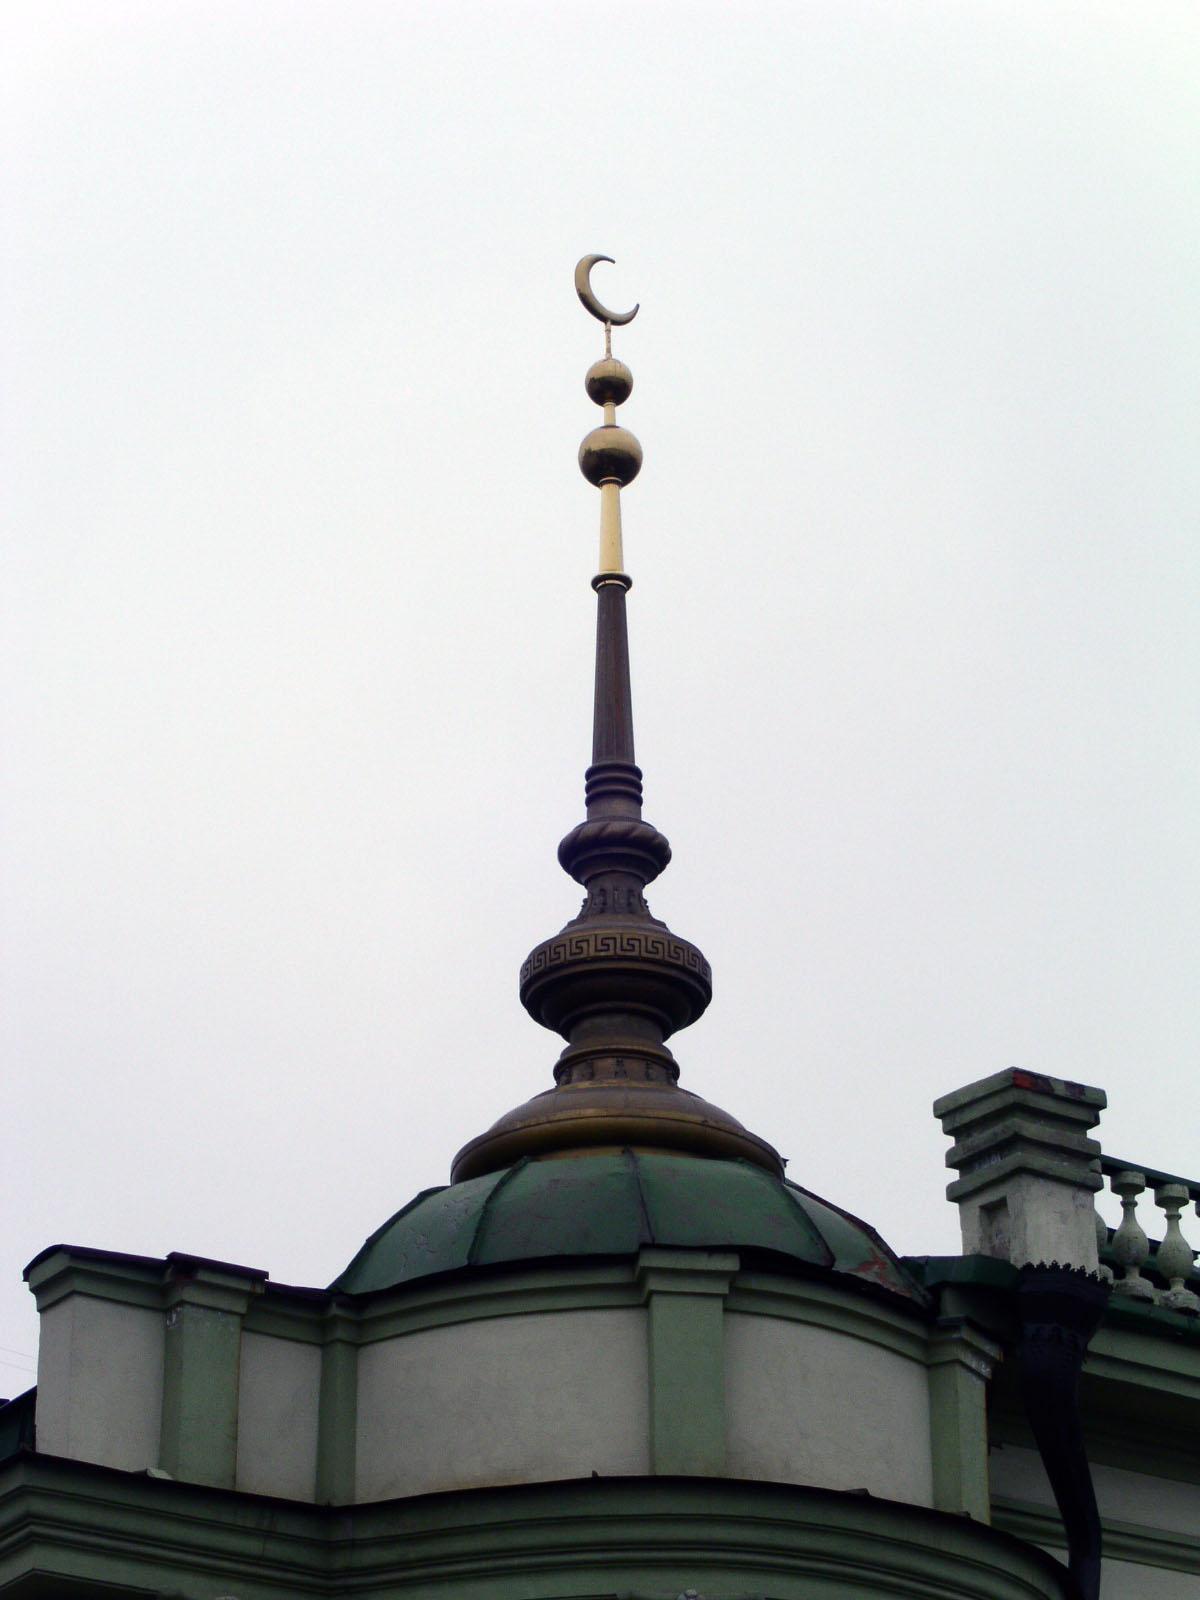 Фото Шпиль здания Духовного управления мусульман Республики Татарстан (ДУМ РТ)